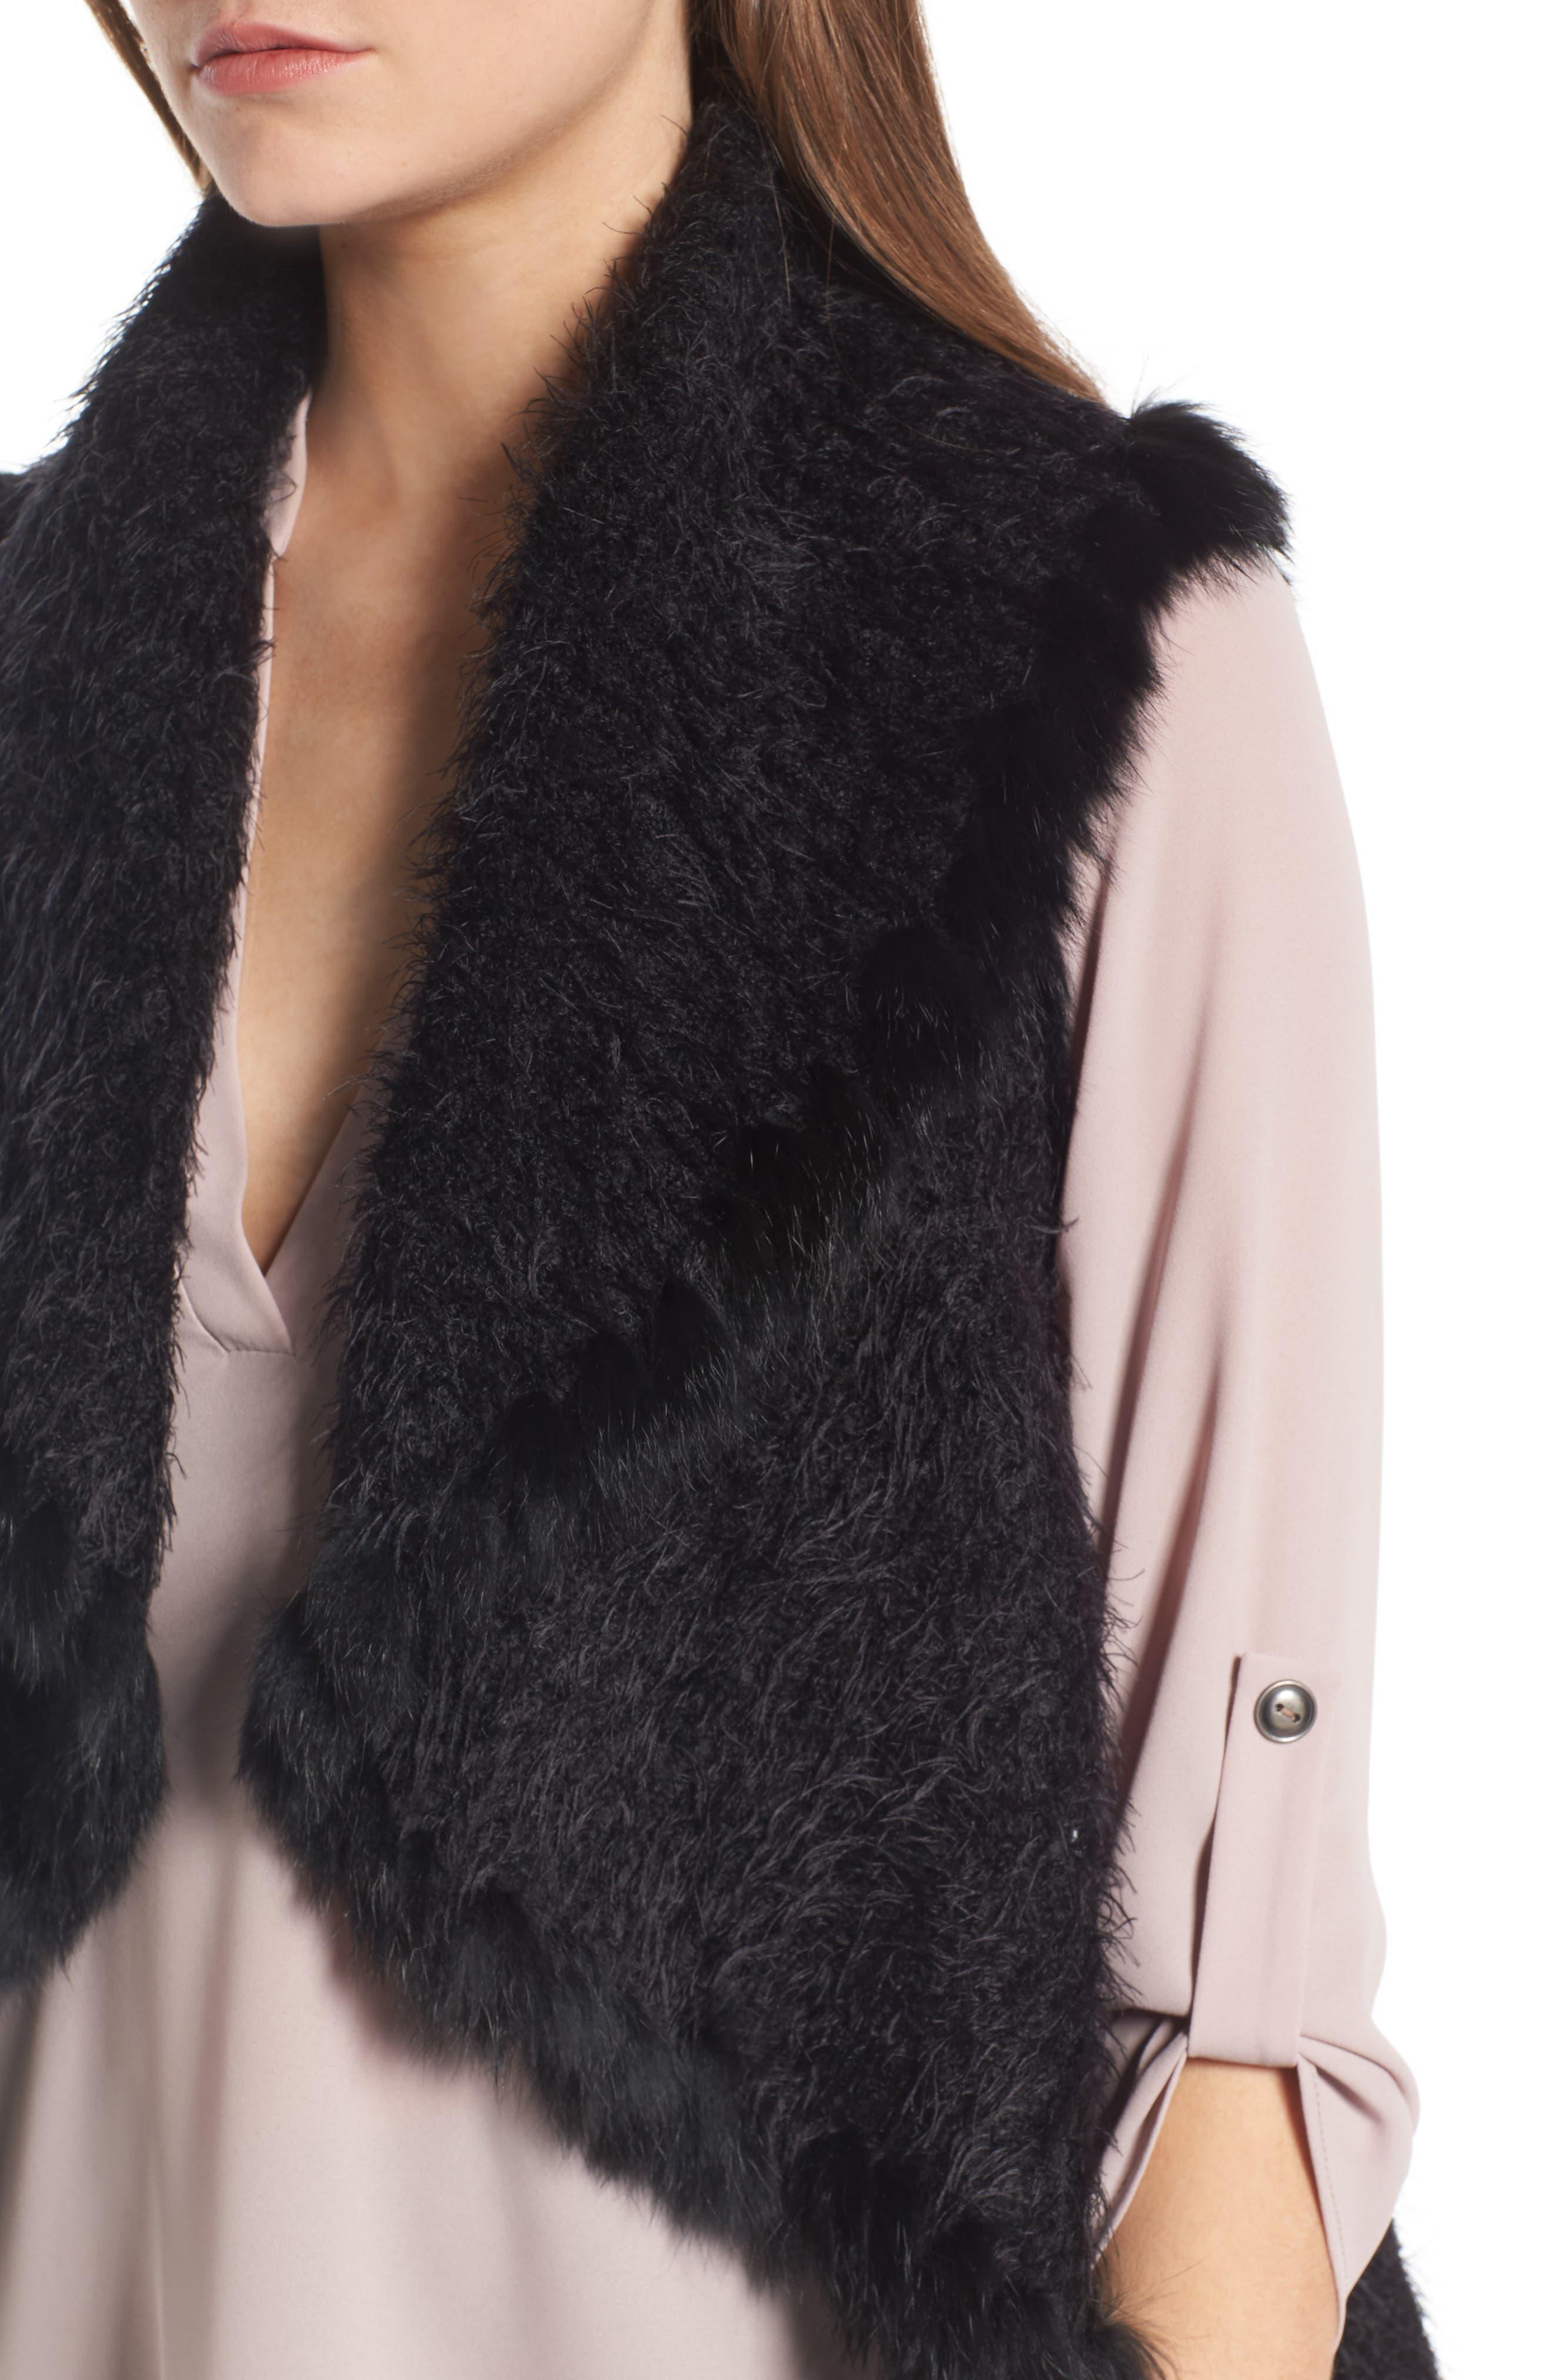 Knit Vest with Genuine Rabbit Fur Trim,                             Alternate thumbnail 10, color,